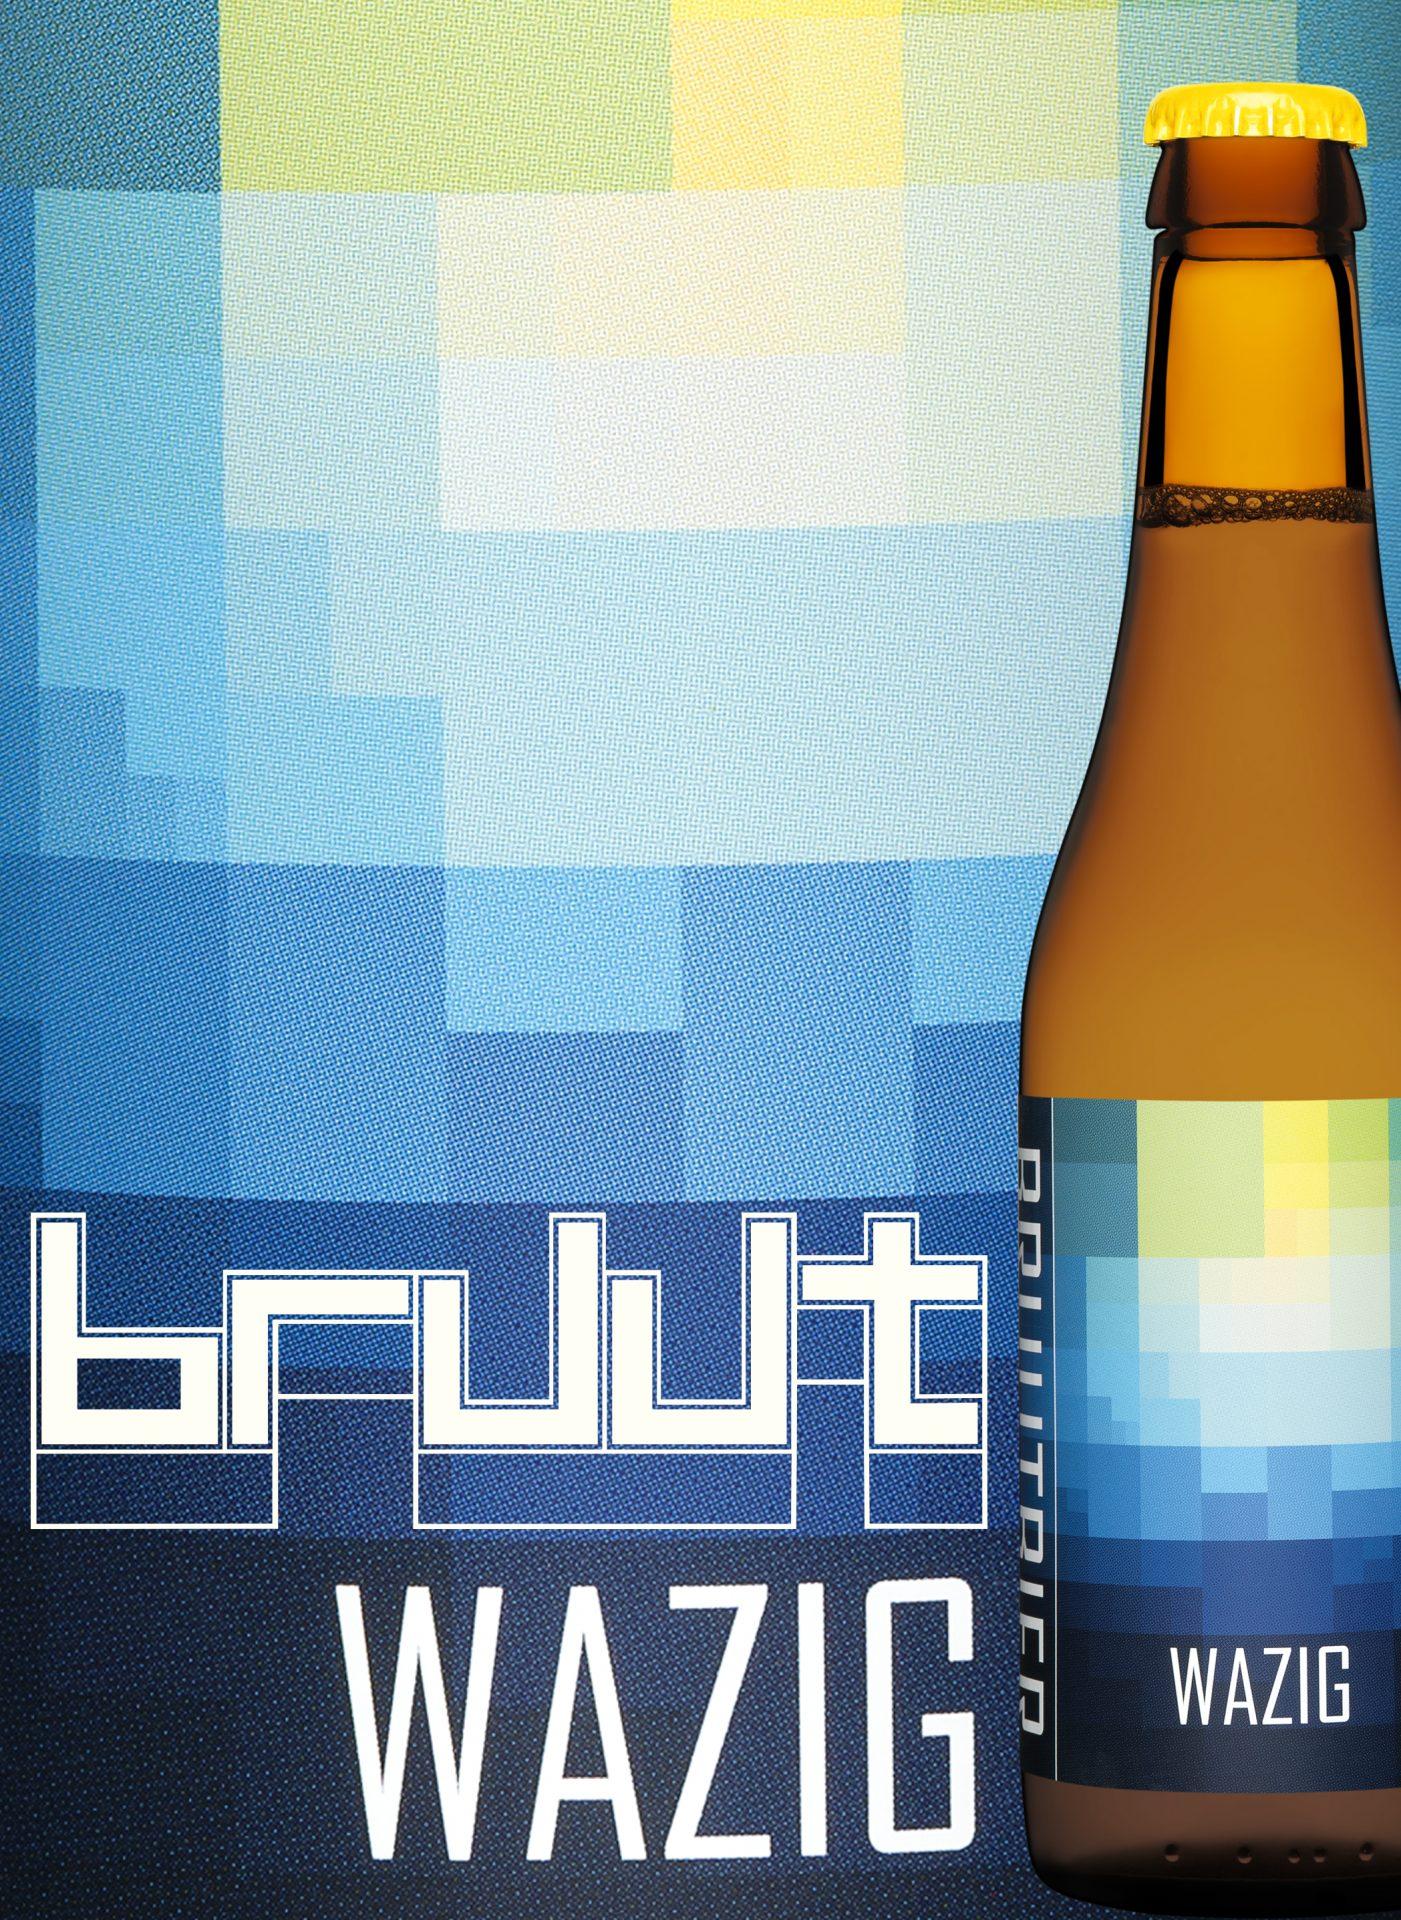 Nieuwsbrief-Nectar-Utrecht-Lentebier-Bruut-Bier-Wazig